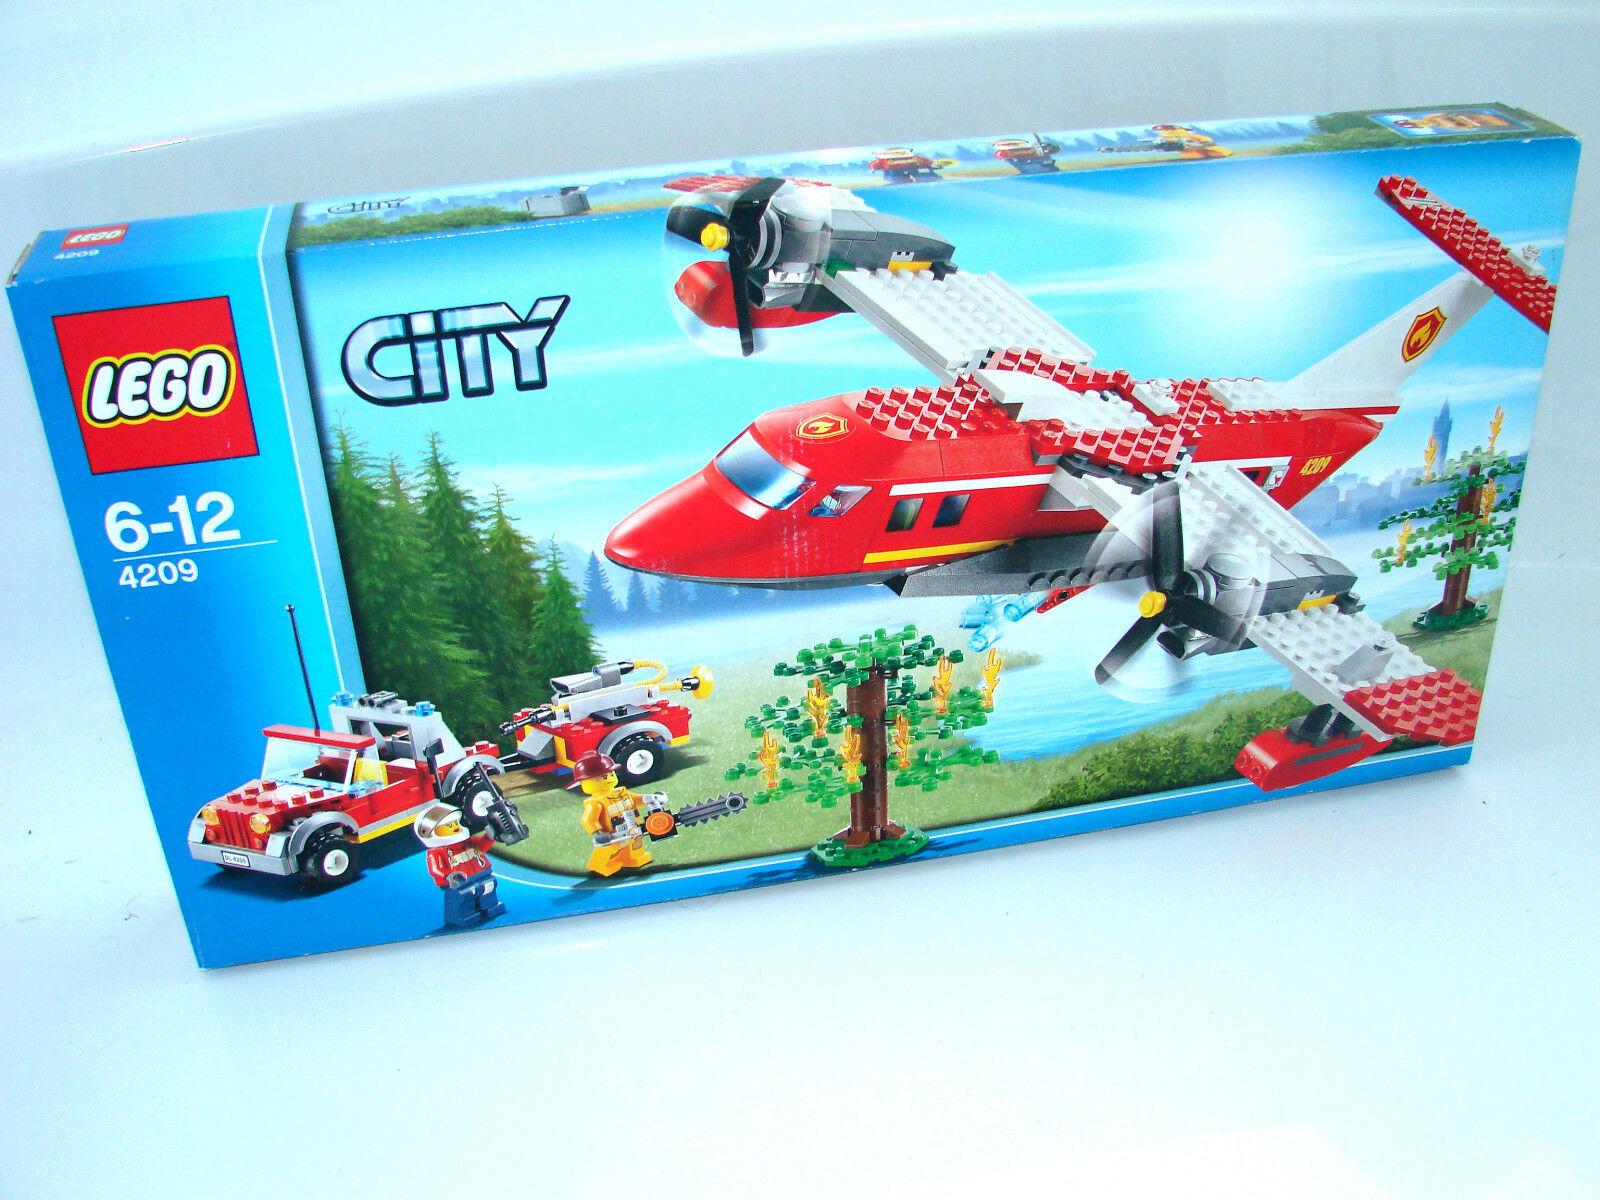 LEGO ® città 4209  vigili del fuoco-löschflugzeug NUOVO OVP _ Fire Plane nuovo MISB NRFB  n ° 1 online